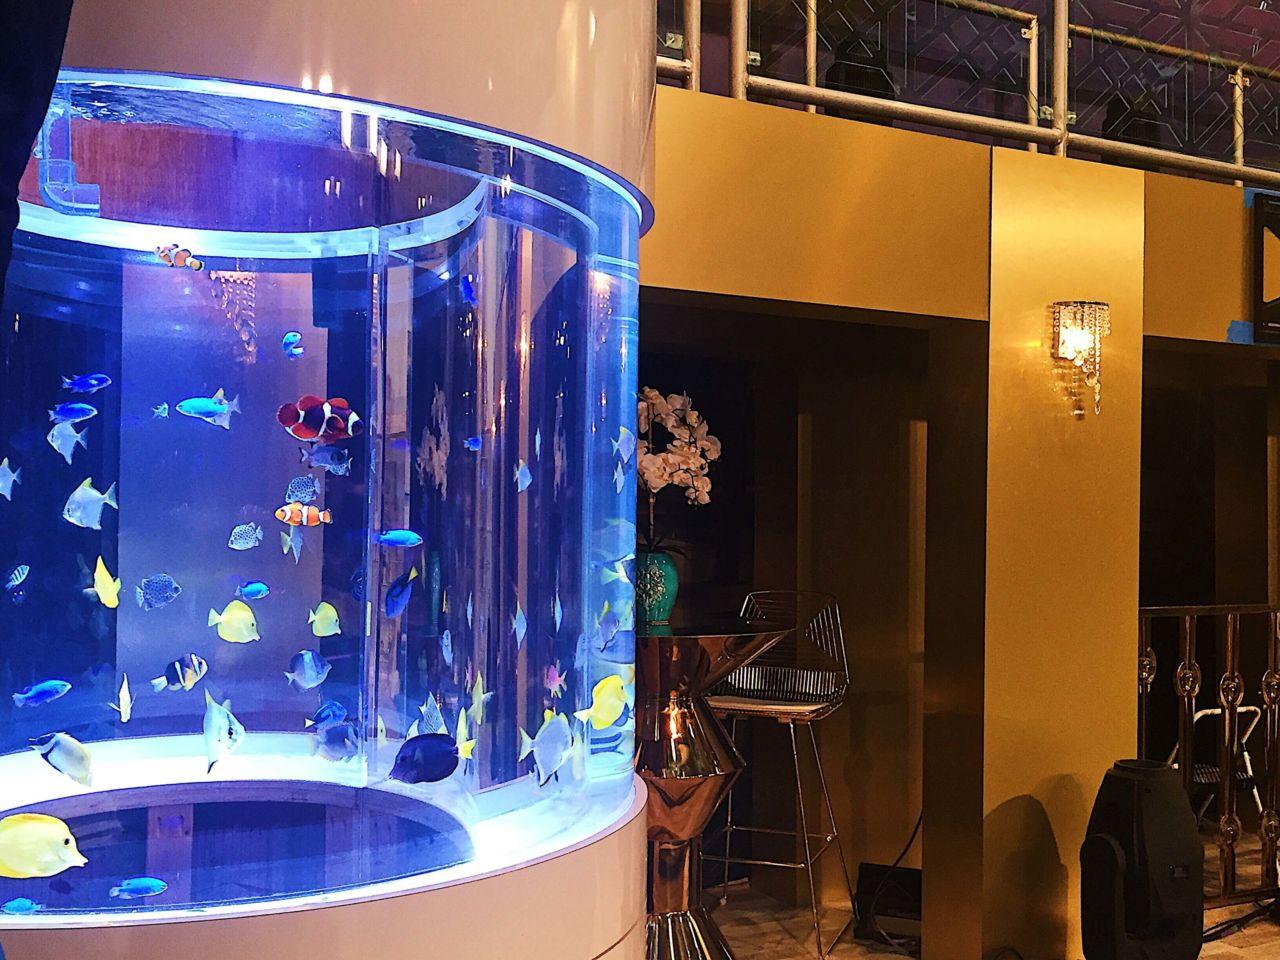 Aquarium Rental - Reef Bar Aquarium Services - reef-bar.com